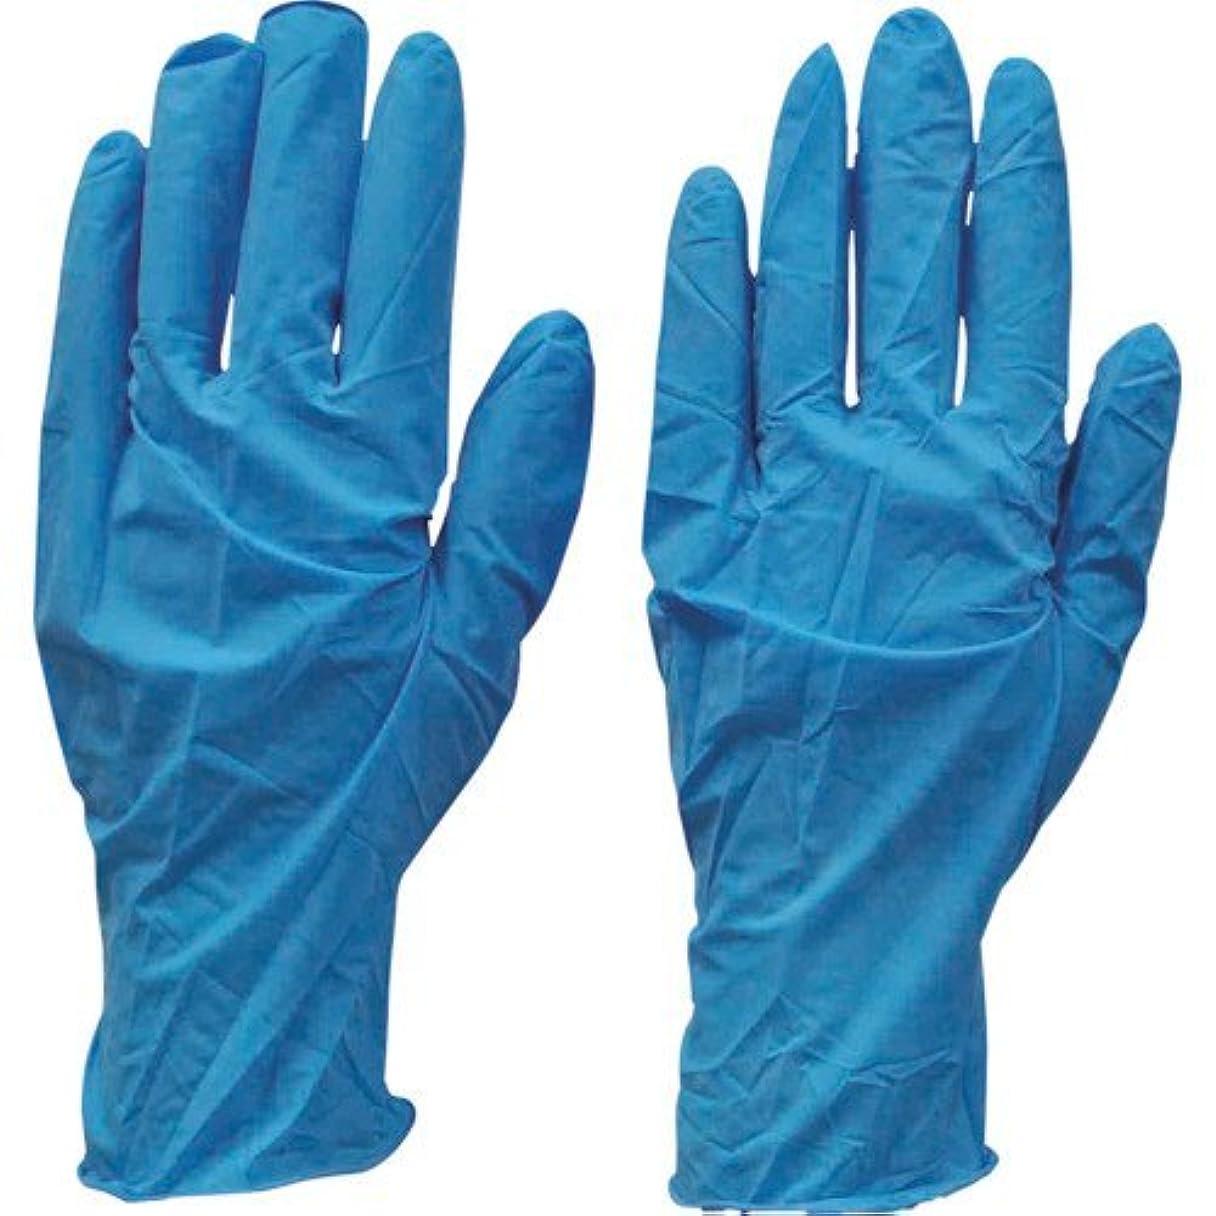 ダンロップ N-211 天然ゴム極うす手袋100枚入 Mブルー N211MB